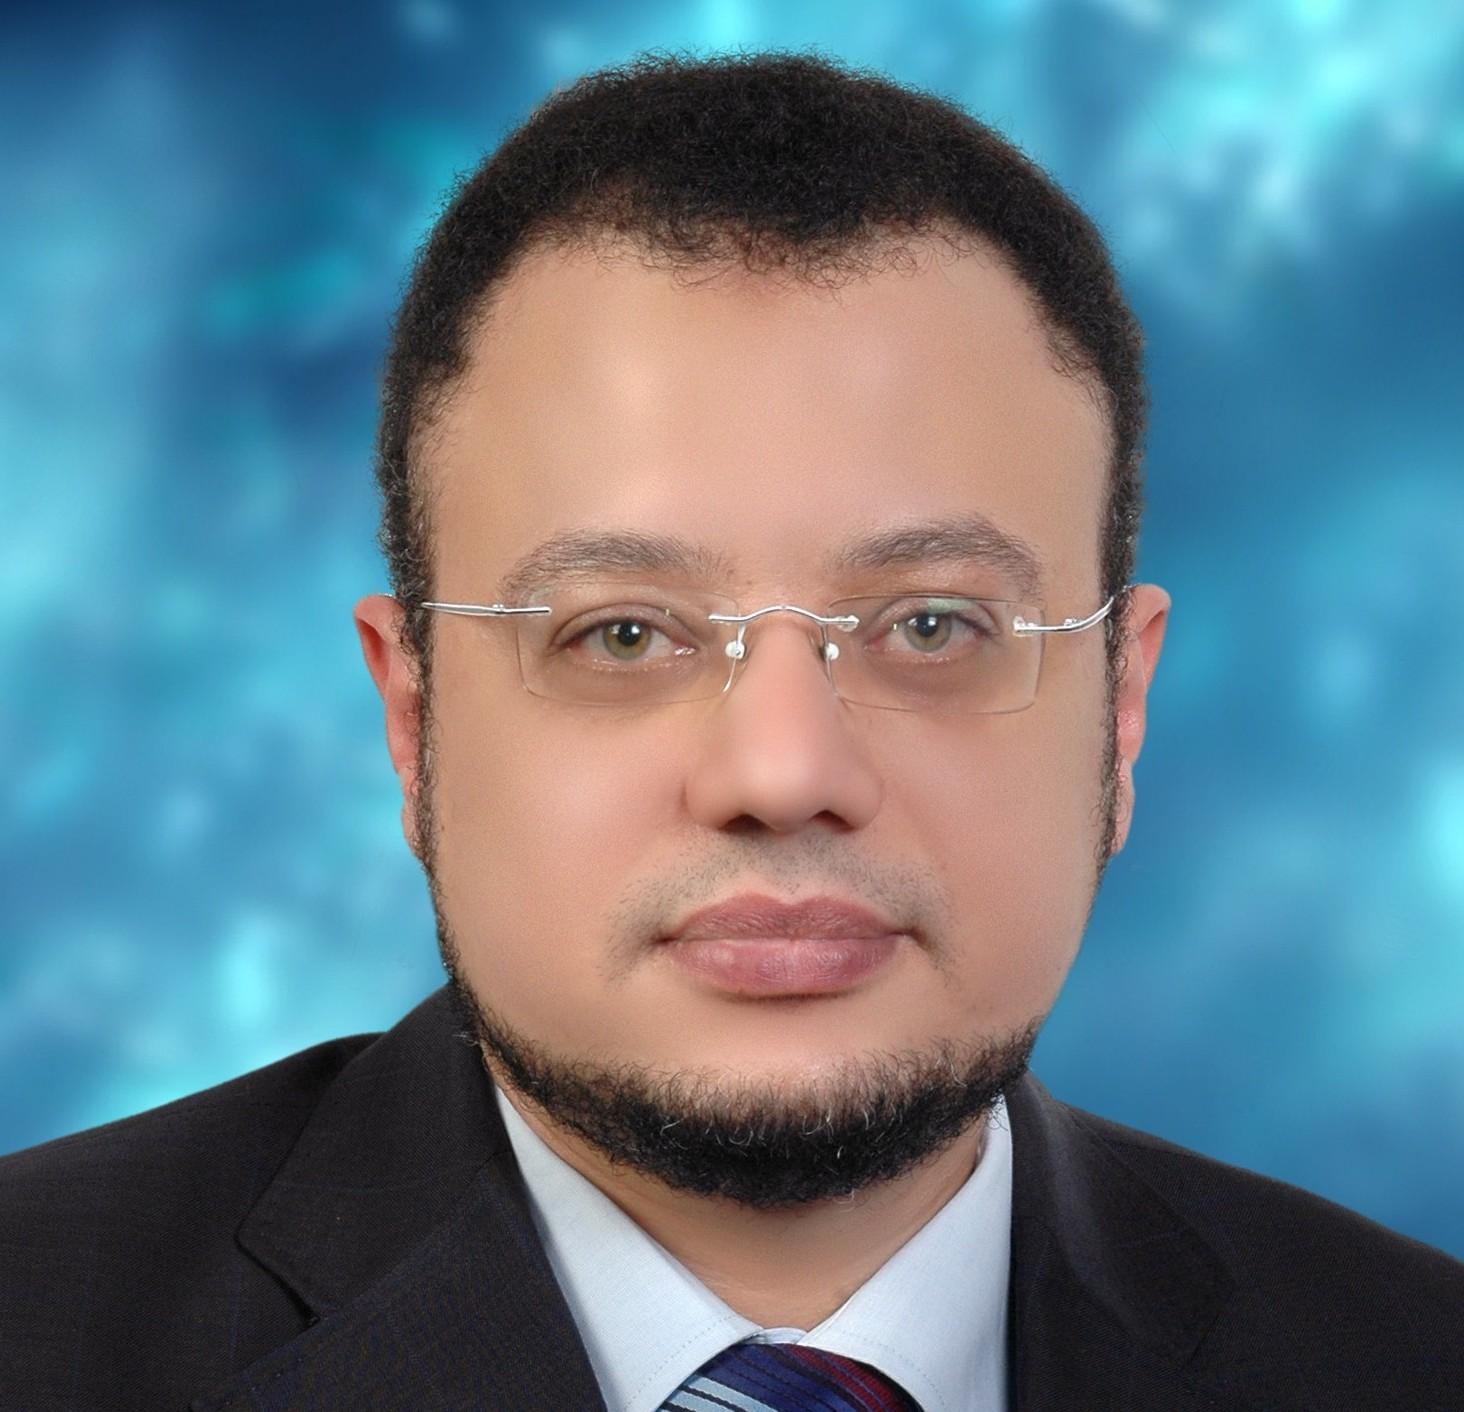 إيهاب رشاد-الرئيس التنفيذى لشركة مباشر لتداول الاوراق المالية